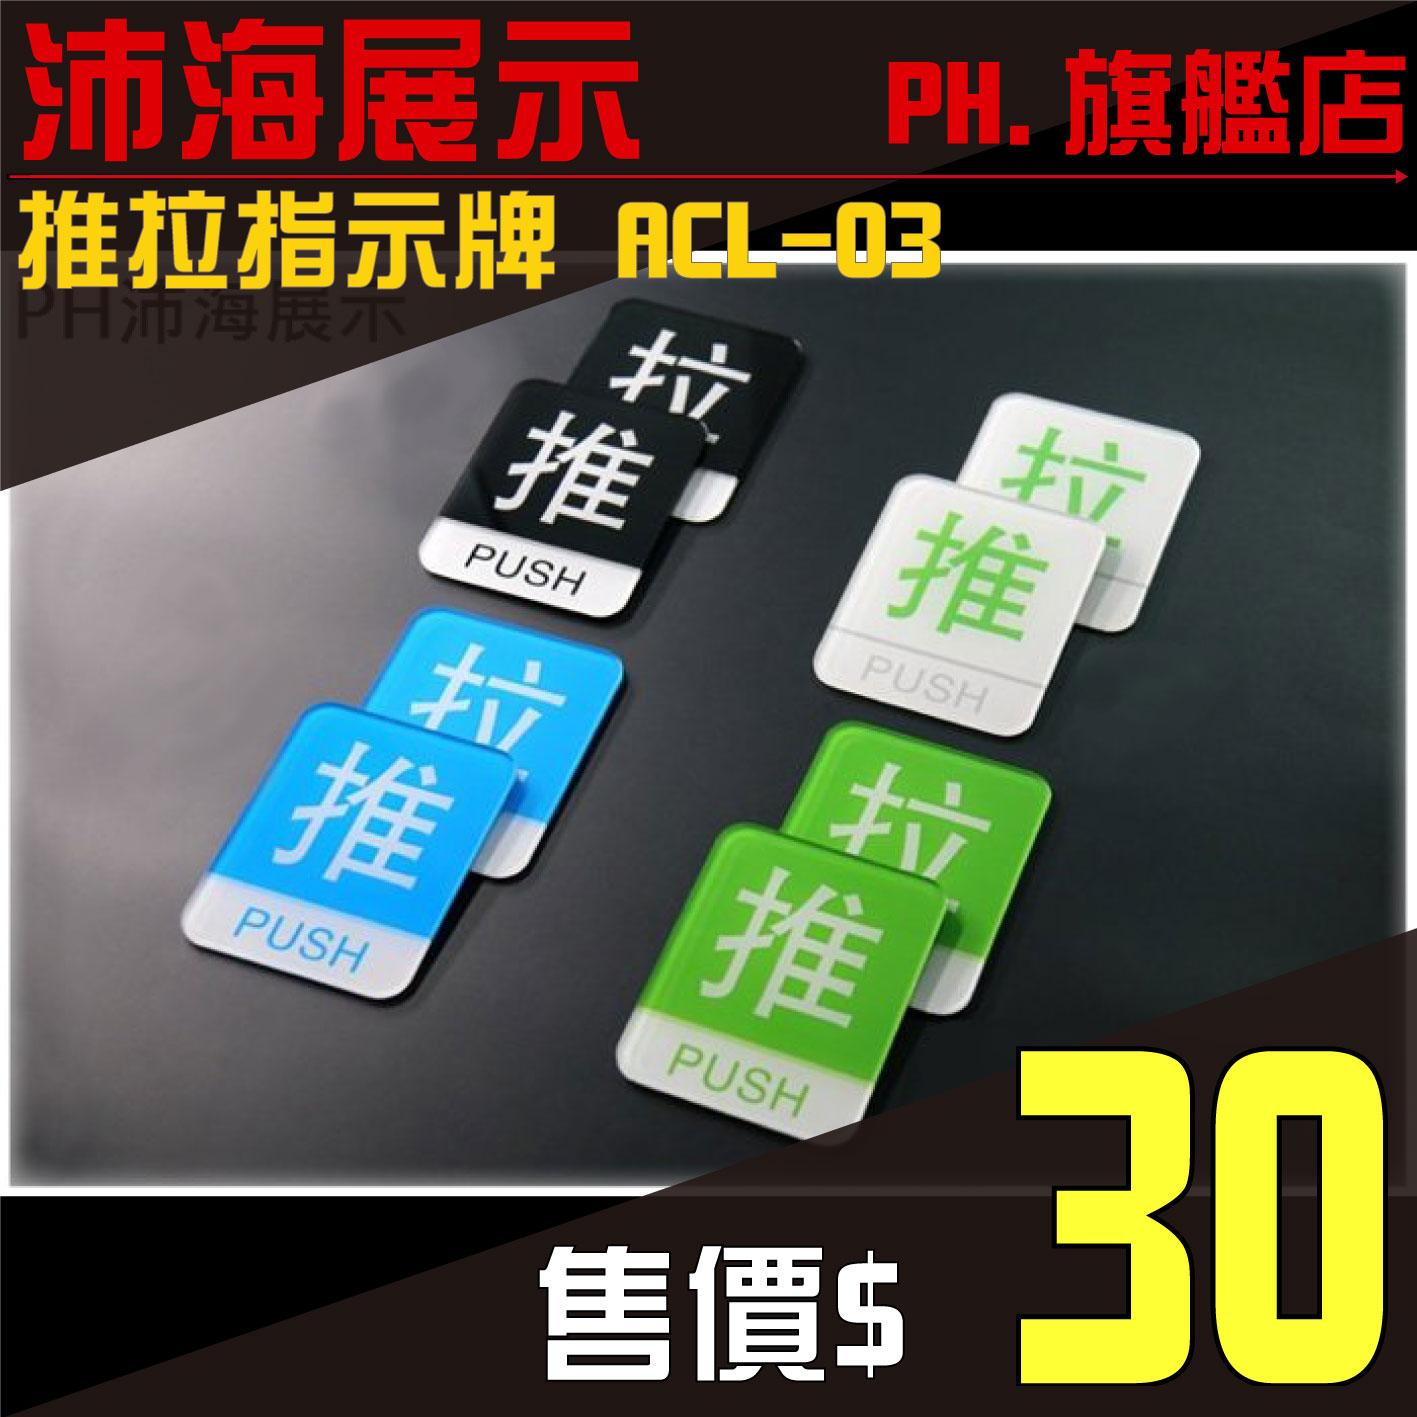 《沛大建材》推拉門貼 推 拉 壓克力板 推拉指示牌 ACL-03【D10】